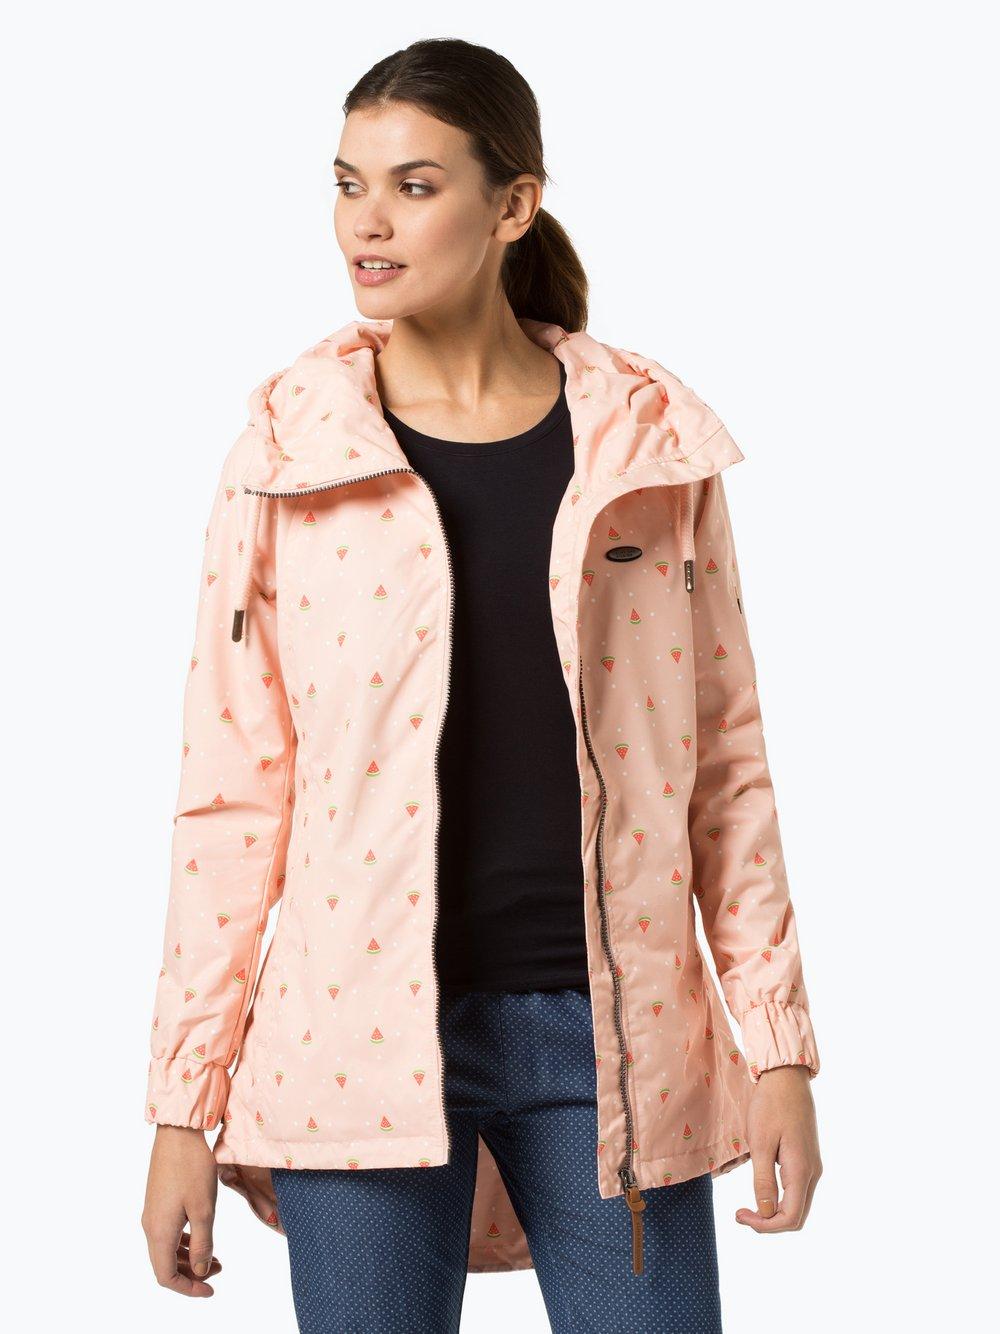 Jacken von alife & kickin für Frauen günstig online kaufen